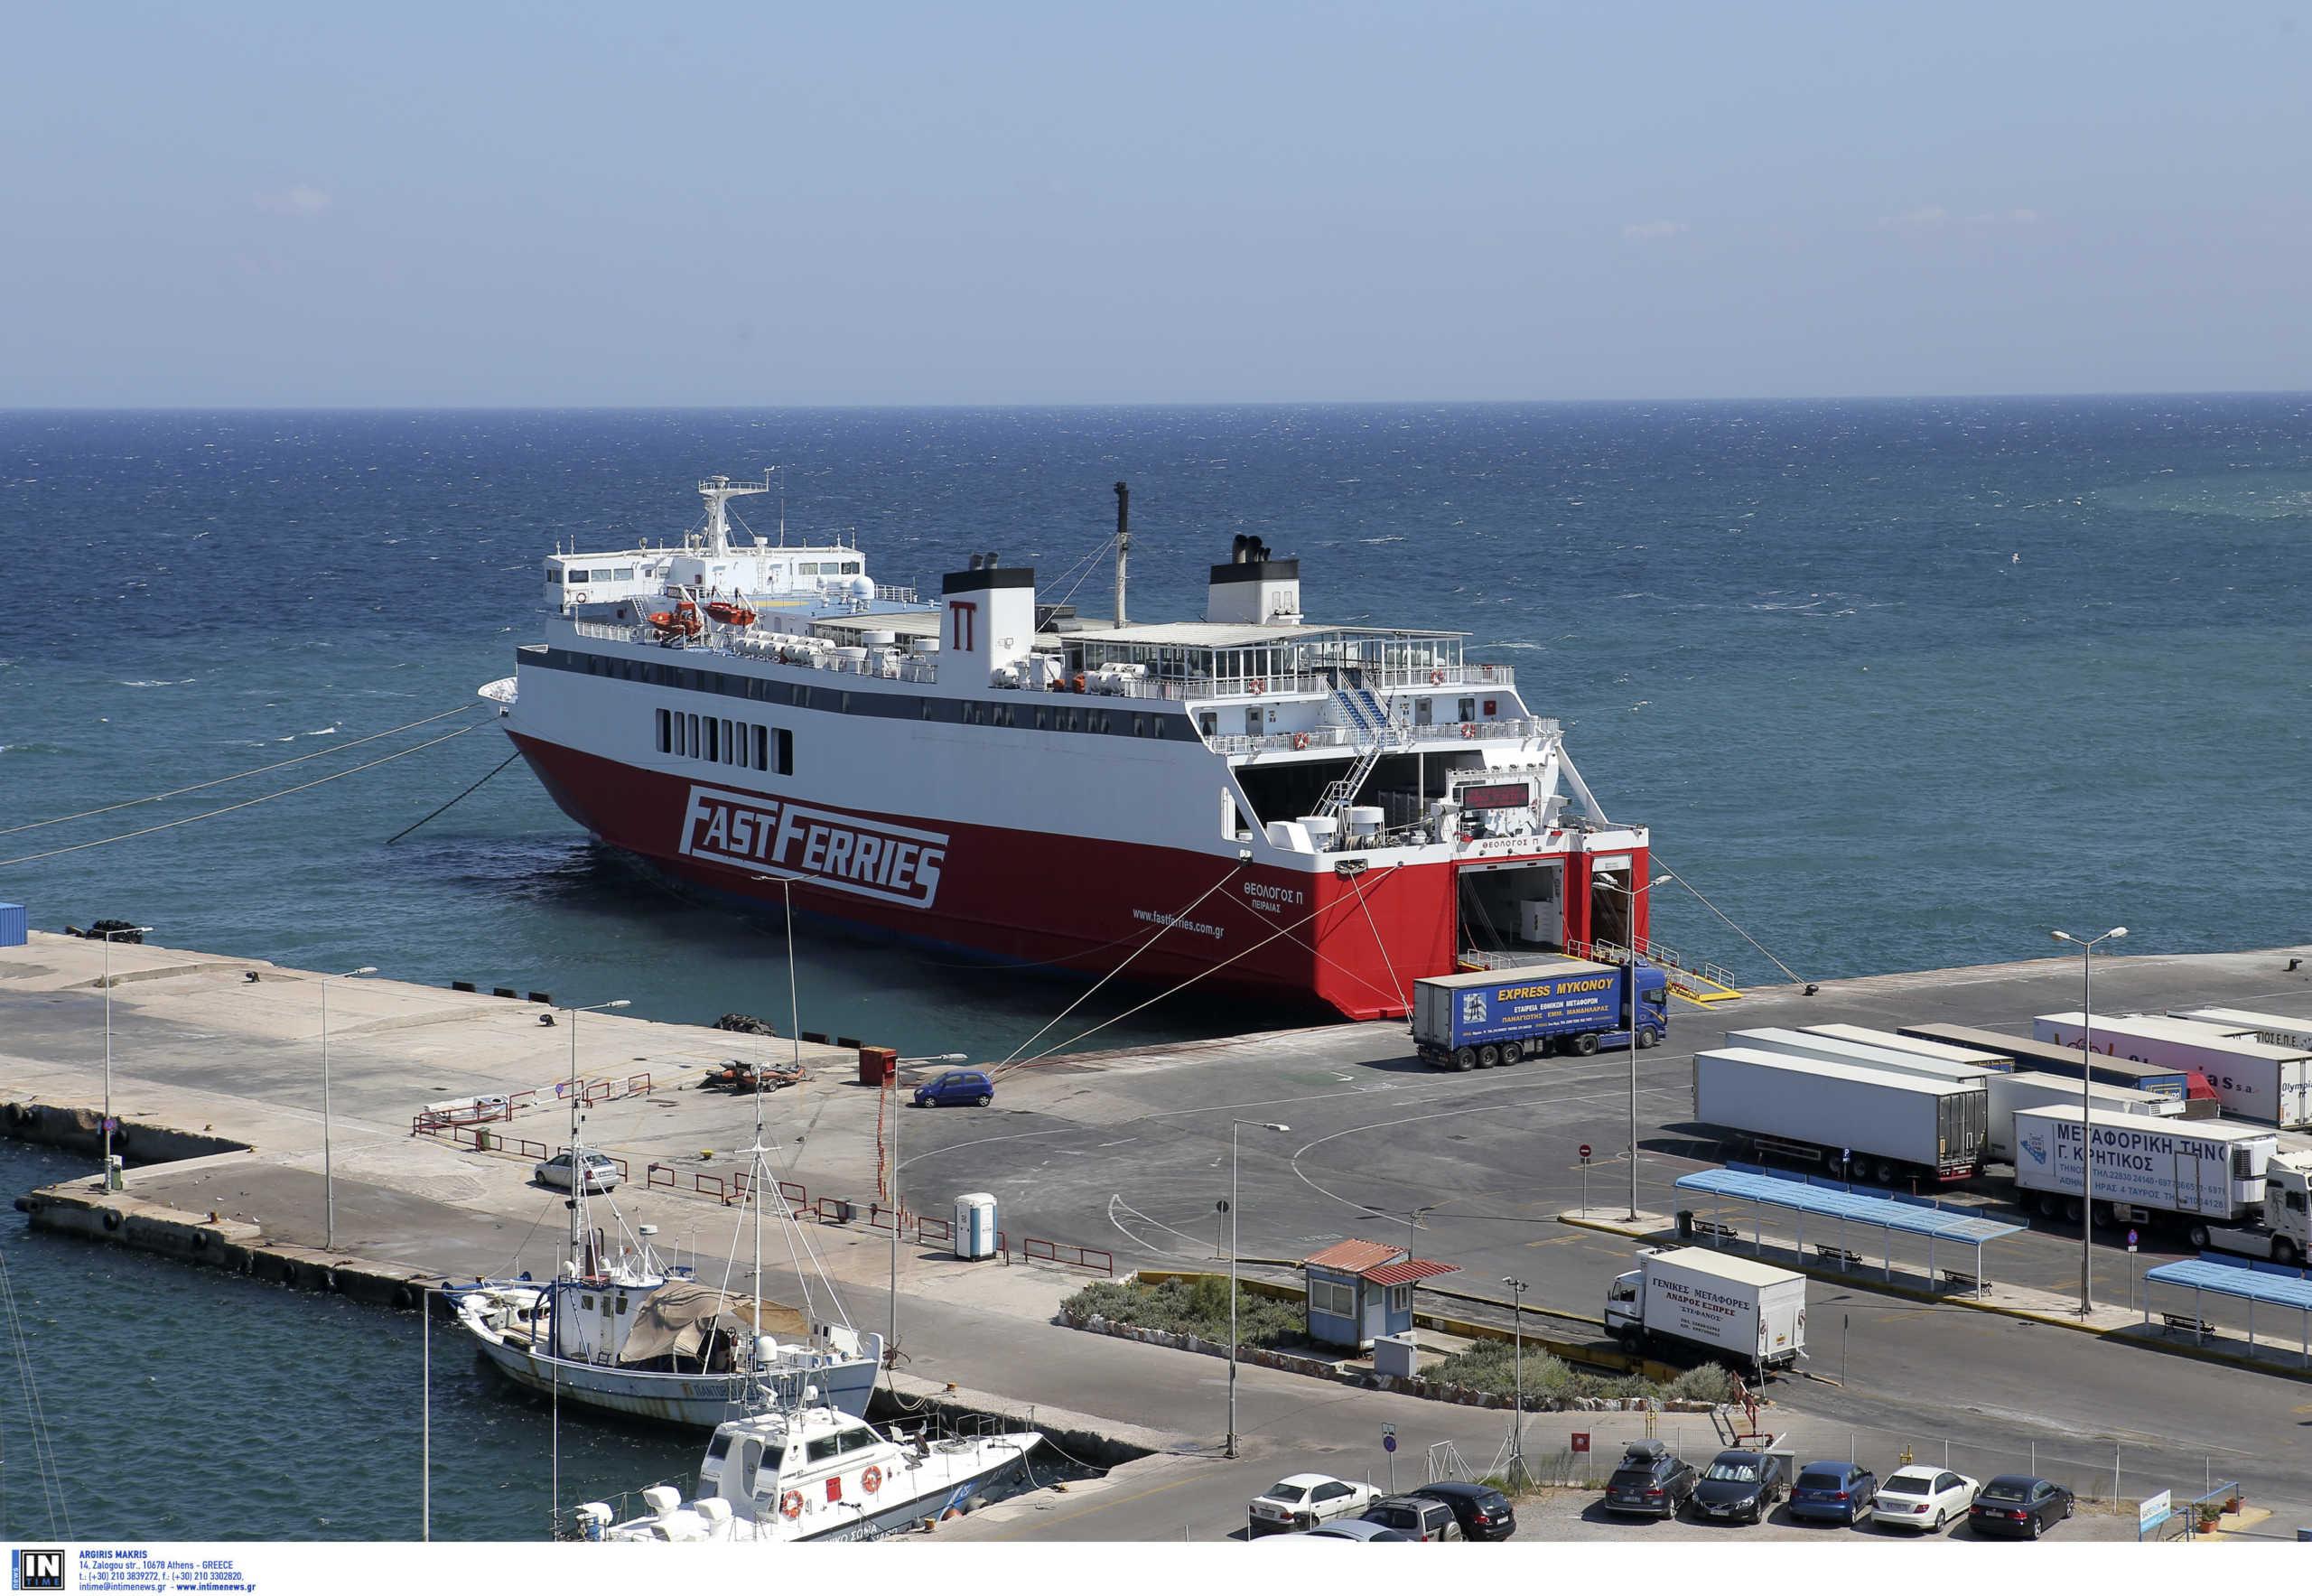 Κυκλάδες: Μηχανική βλάβη εν πλω στο πλοίο Θεολόγος! Βροχή οι ερωτήσεις από τους 687 επιβάτες του